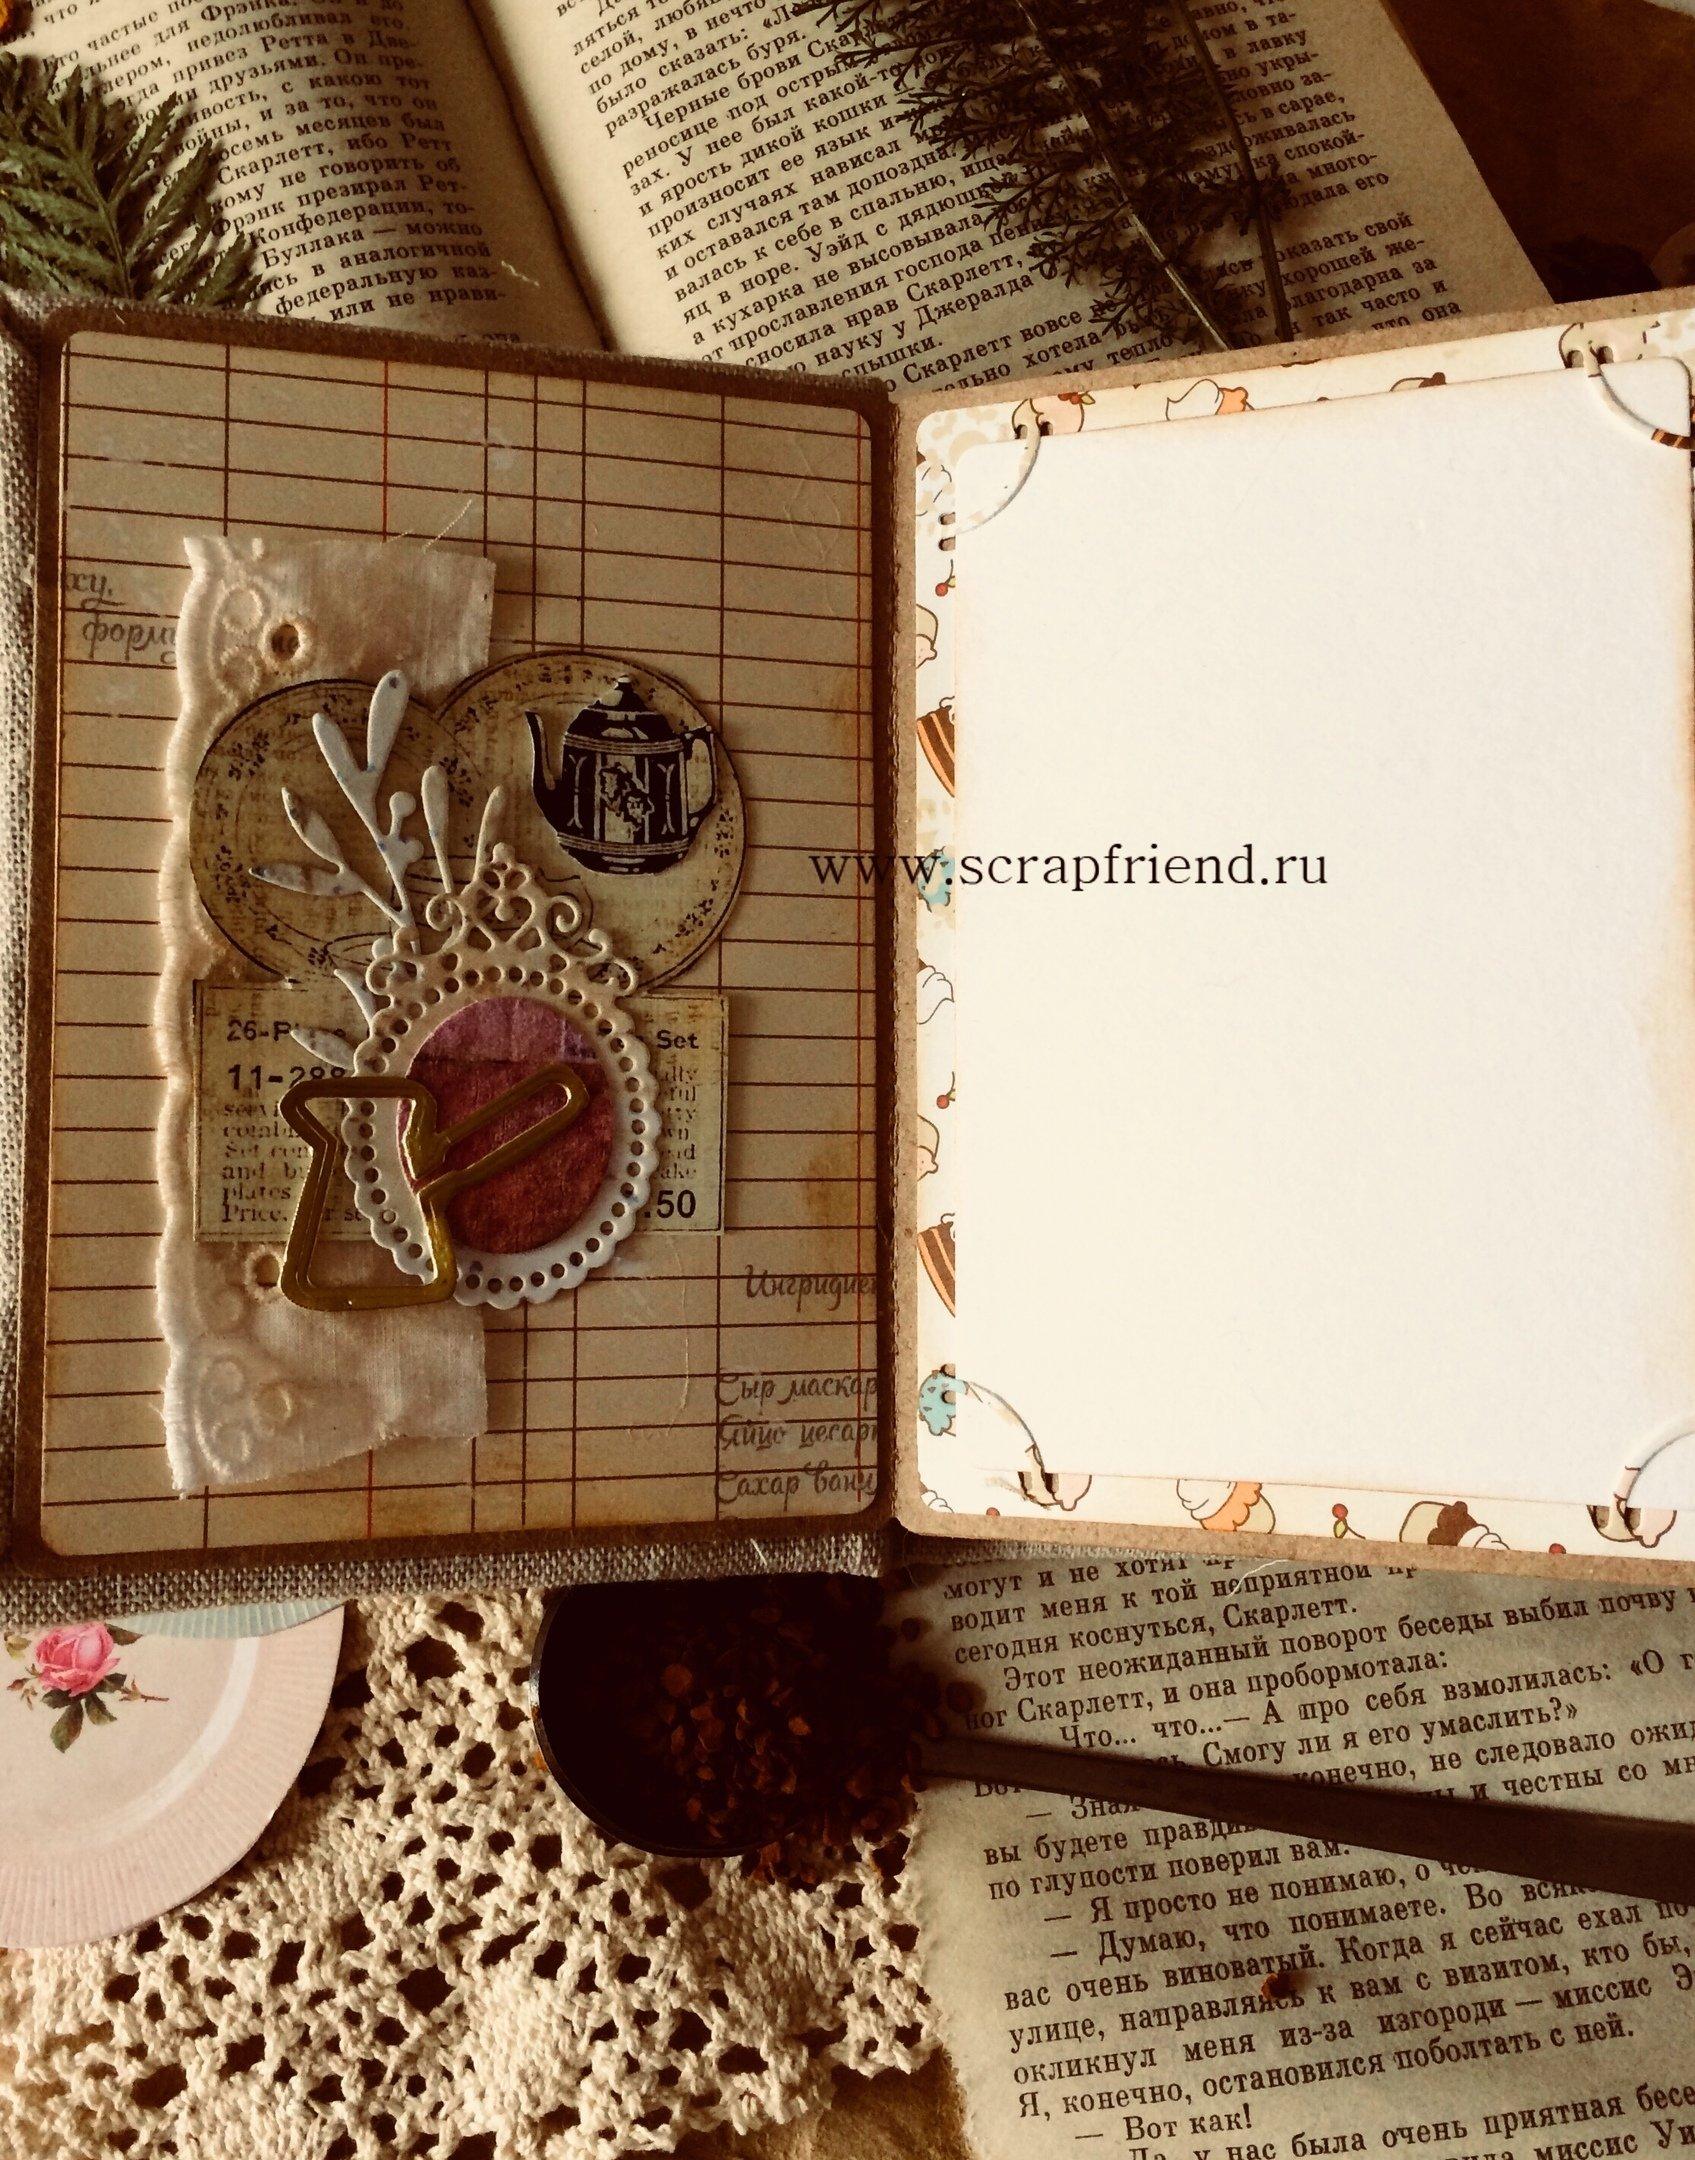 Набор ножей для вырубки Рамочка-медальон и овал, 3,5х5,2см, 2,5х3см, Scrapfriend